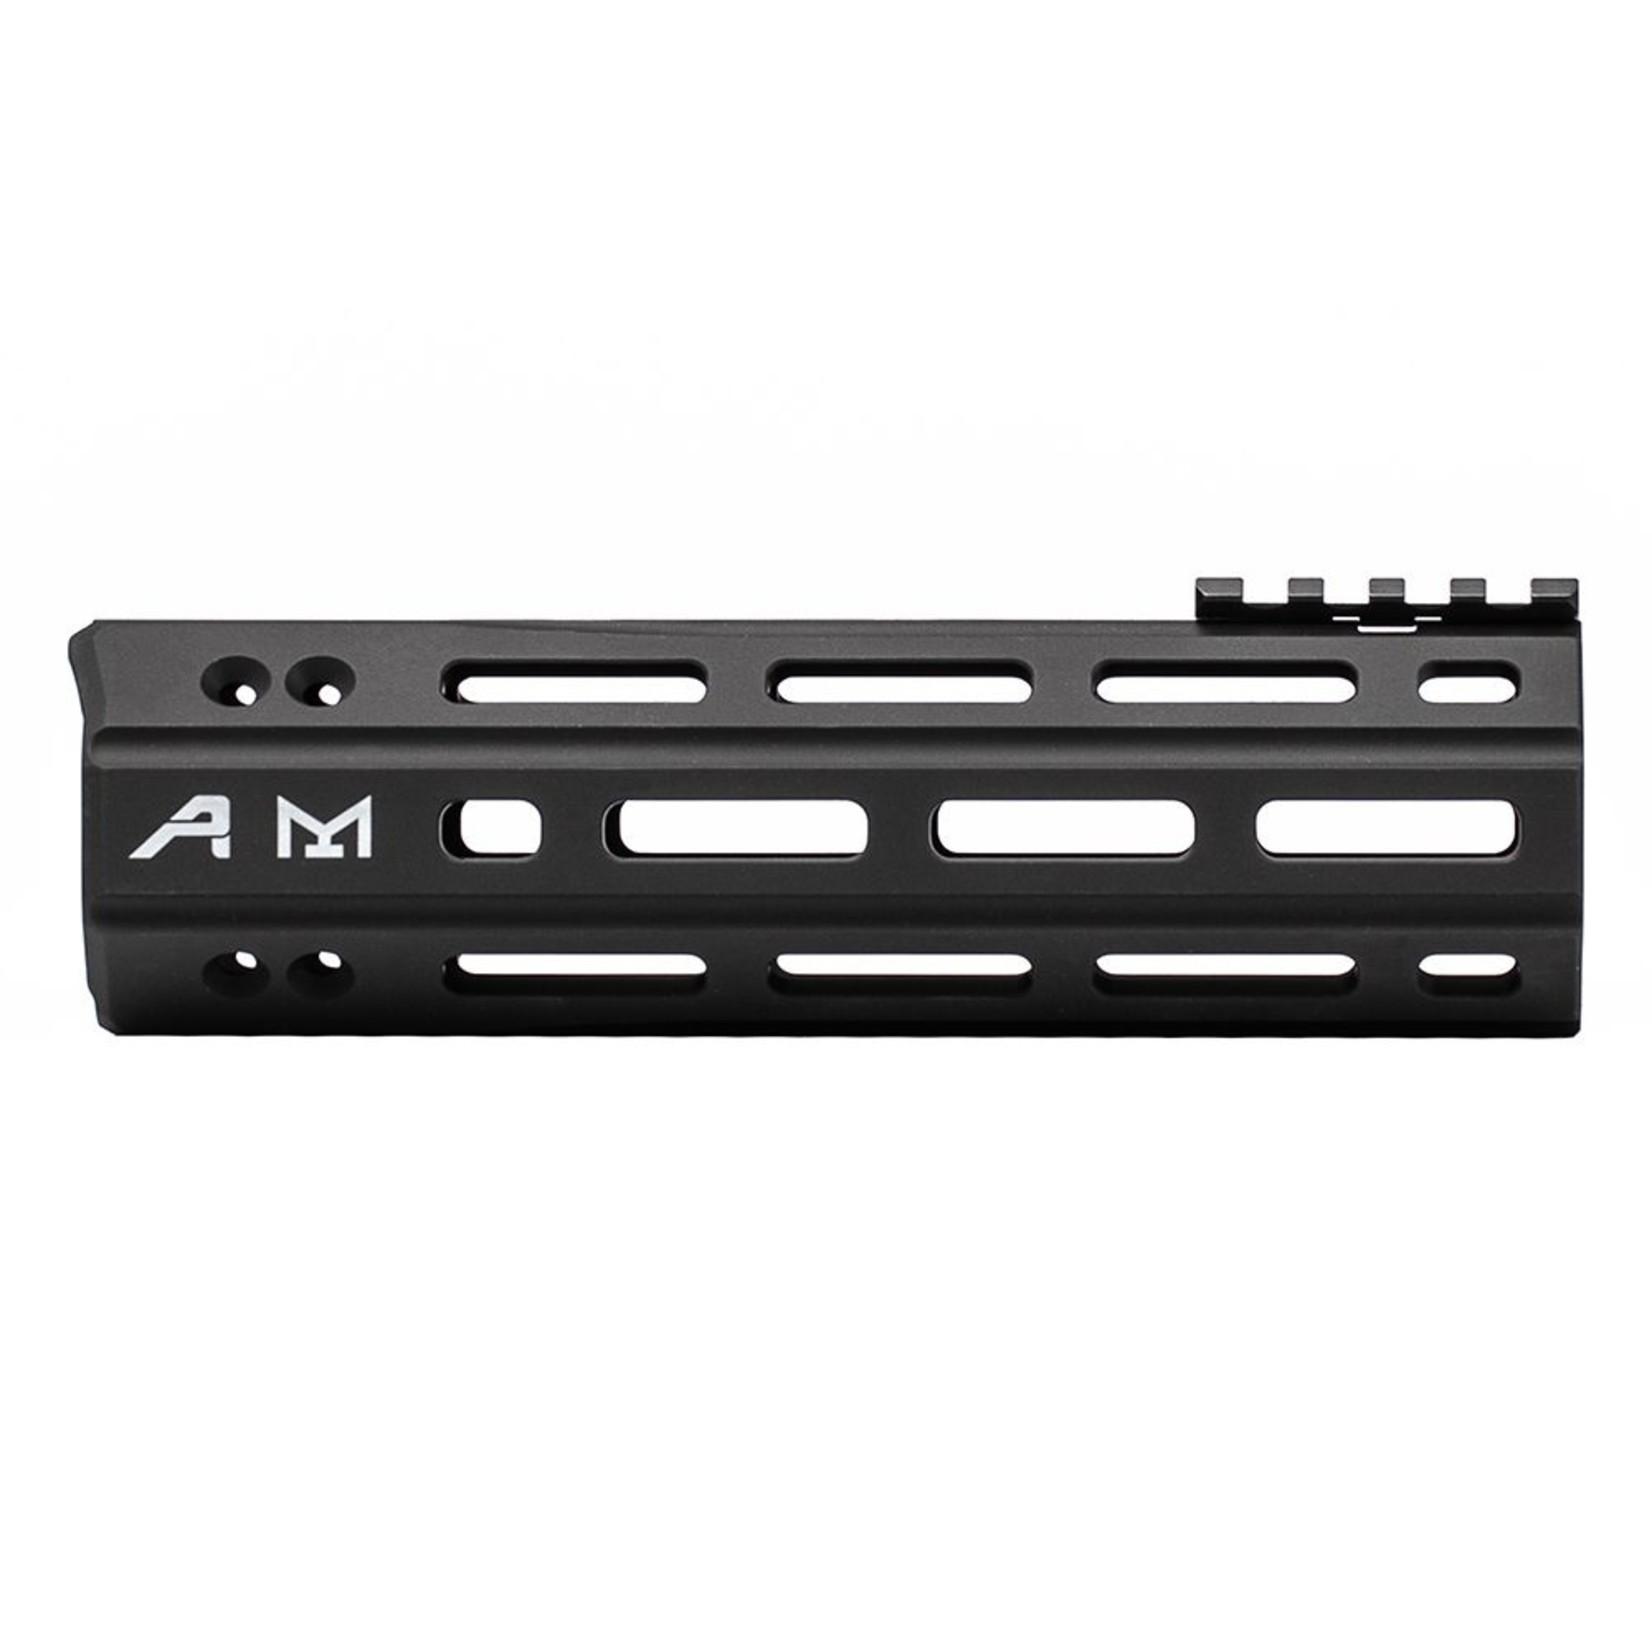 Aero AR15 Quantum M-LOK Handguards, Aero Precision